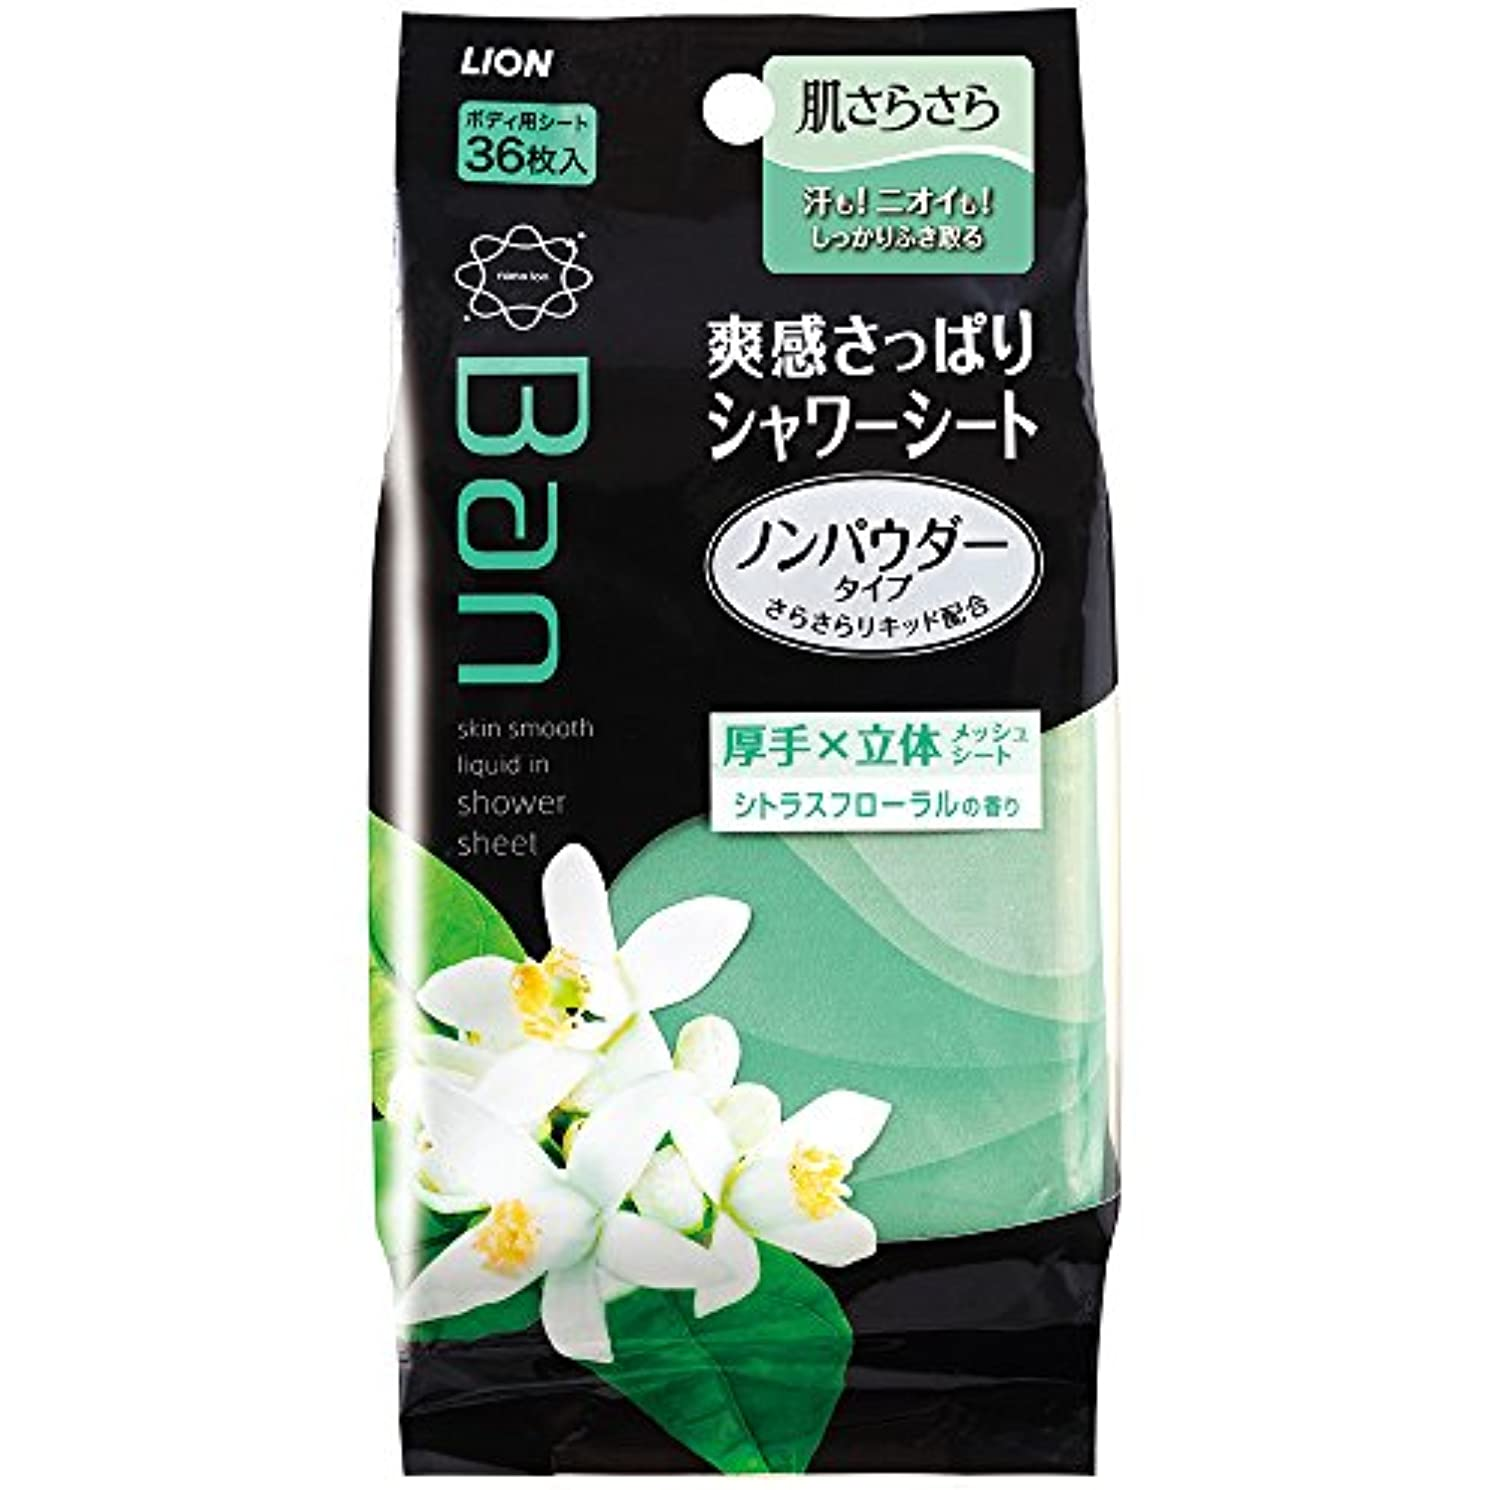 無銀河部Ban(バン) 爽感さっぱりシャワーシート ノンパウダータイプ シトラスフローラルの香り 36枚